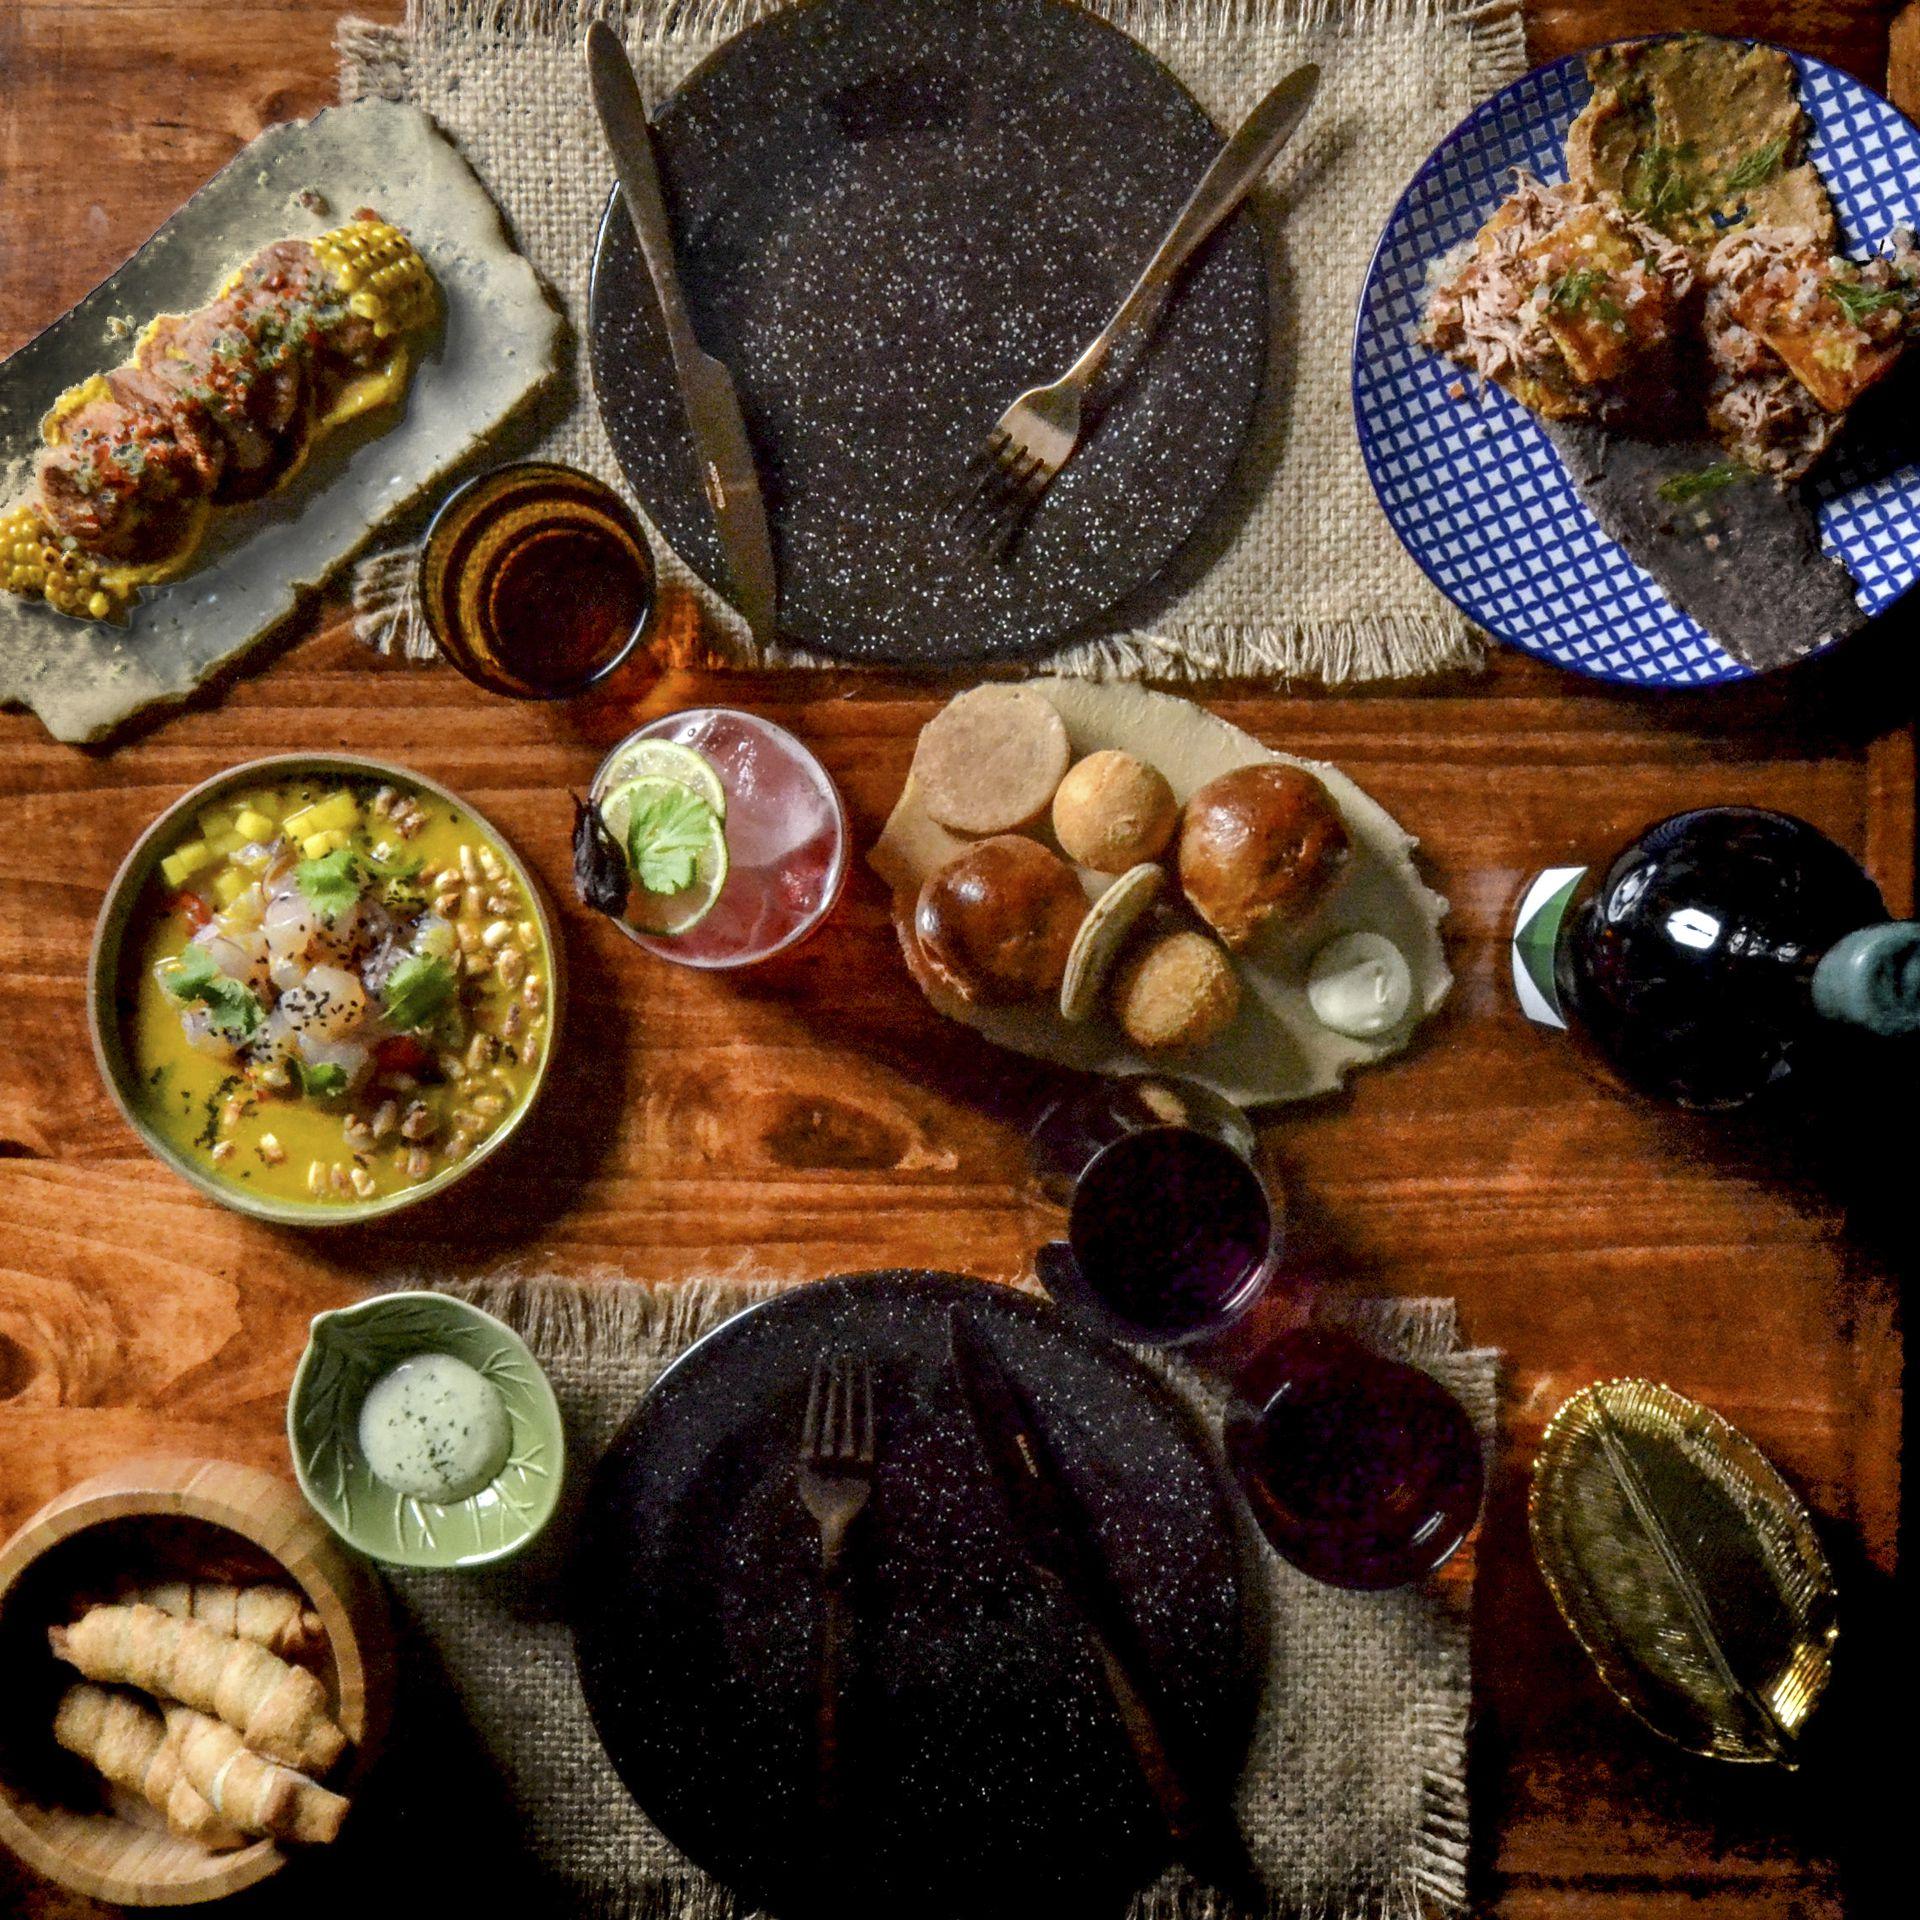 Ronconcon propone tapeos de sabores bien latinos, con recetas típicas de Venezuela, Colombia, Perú, México y Ecuador.